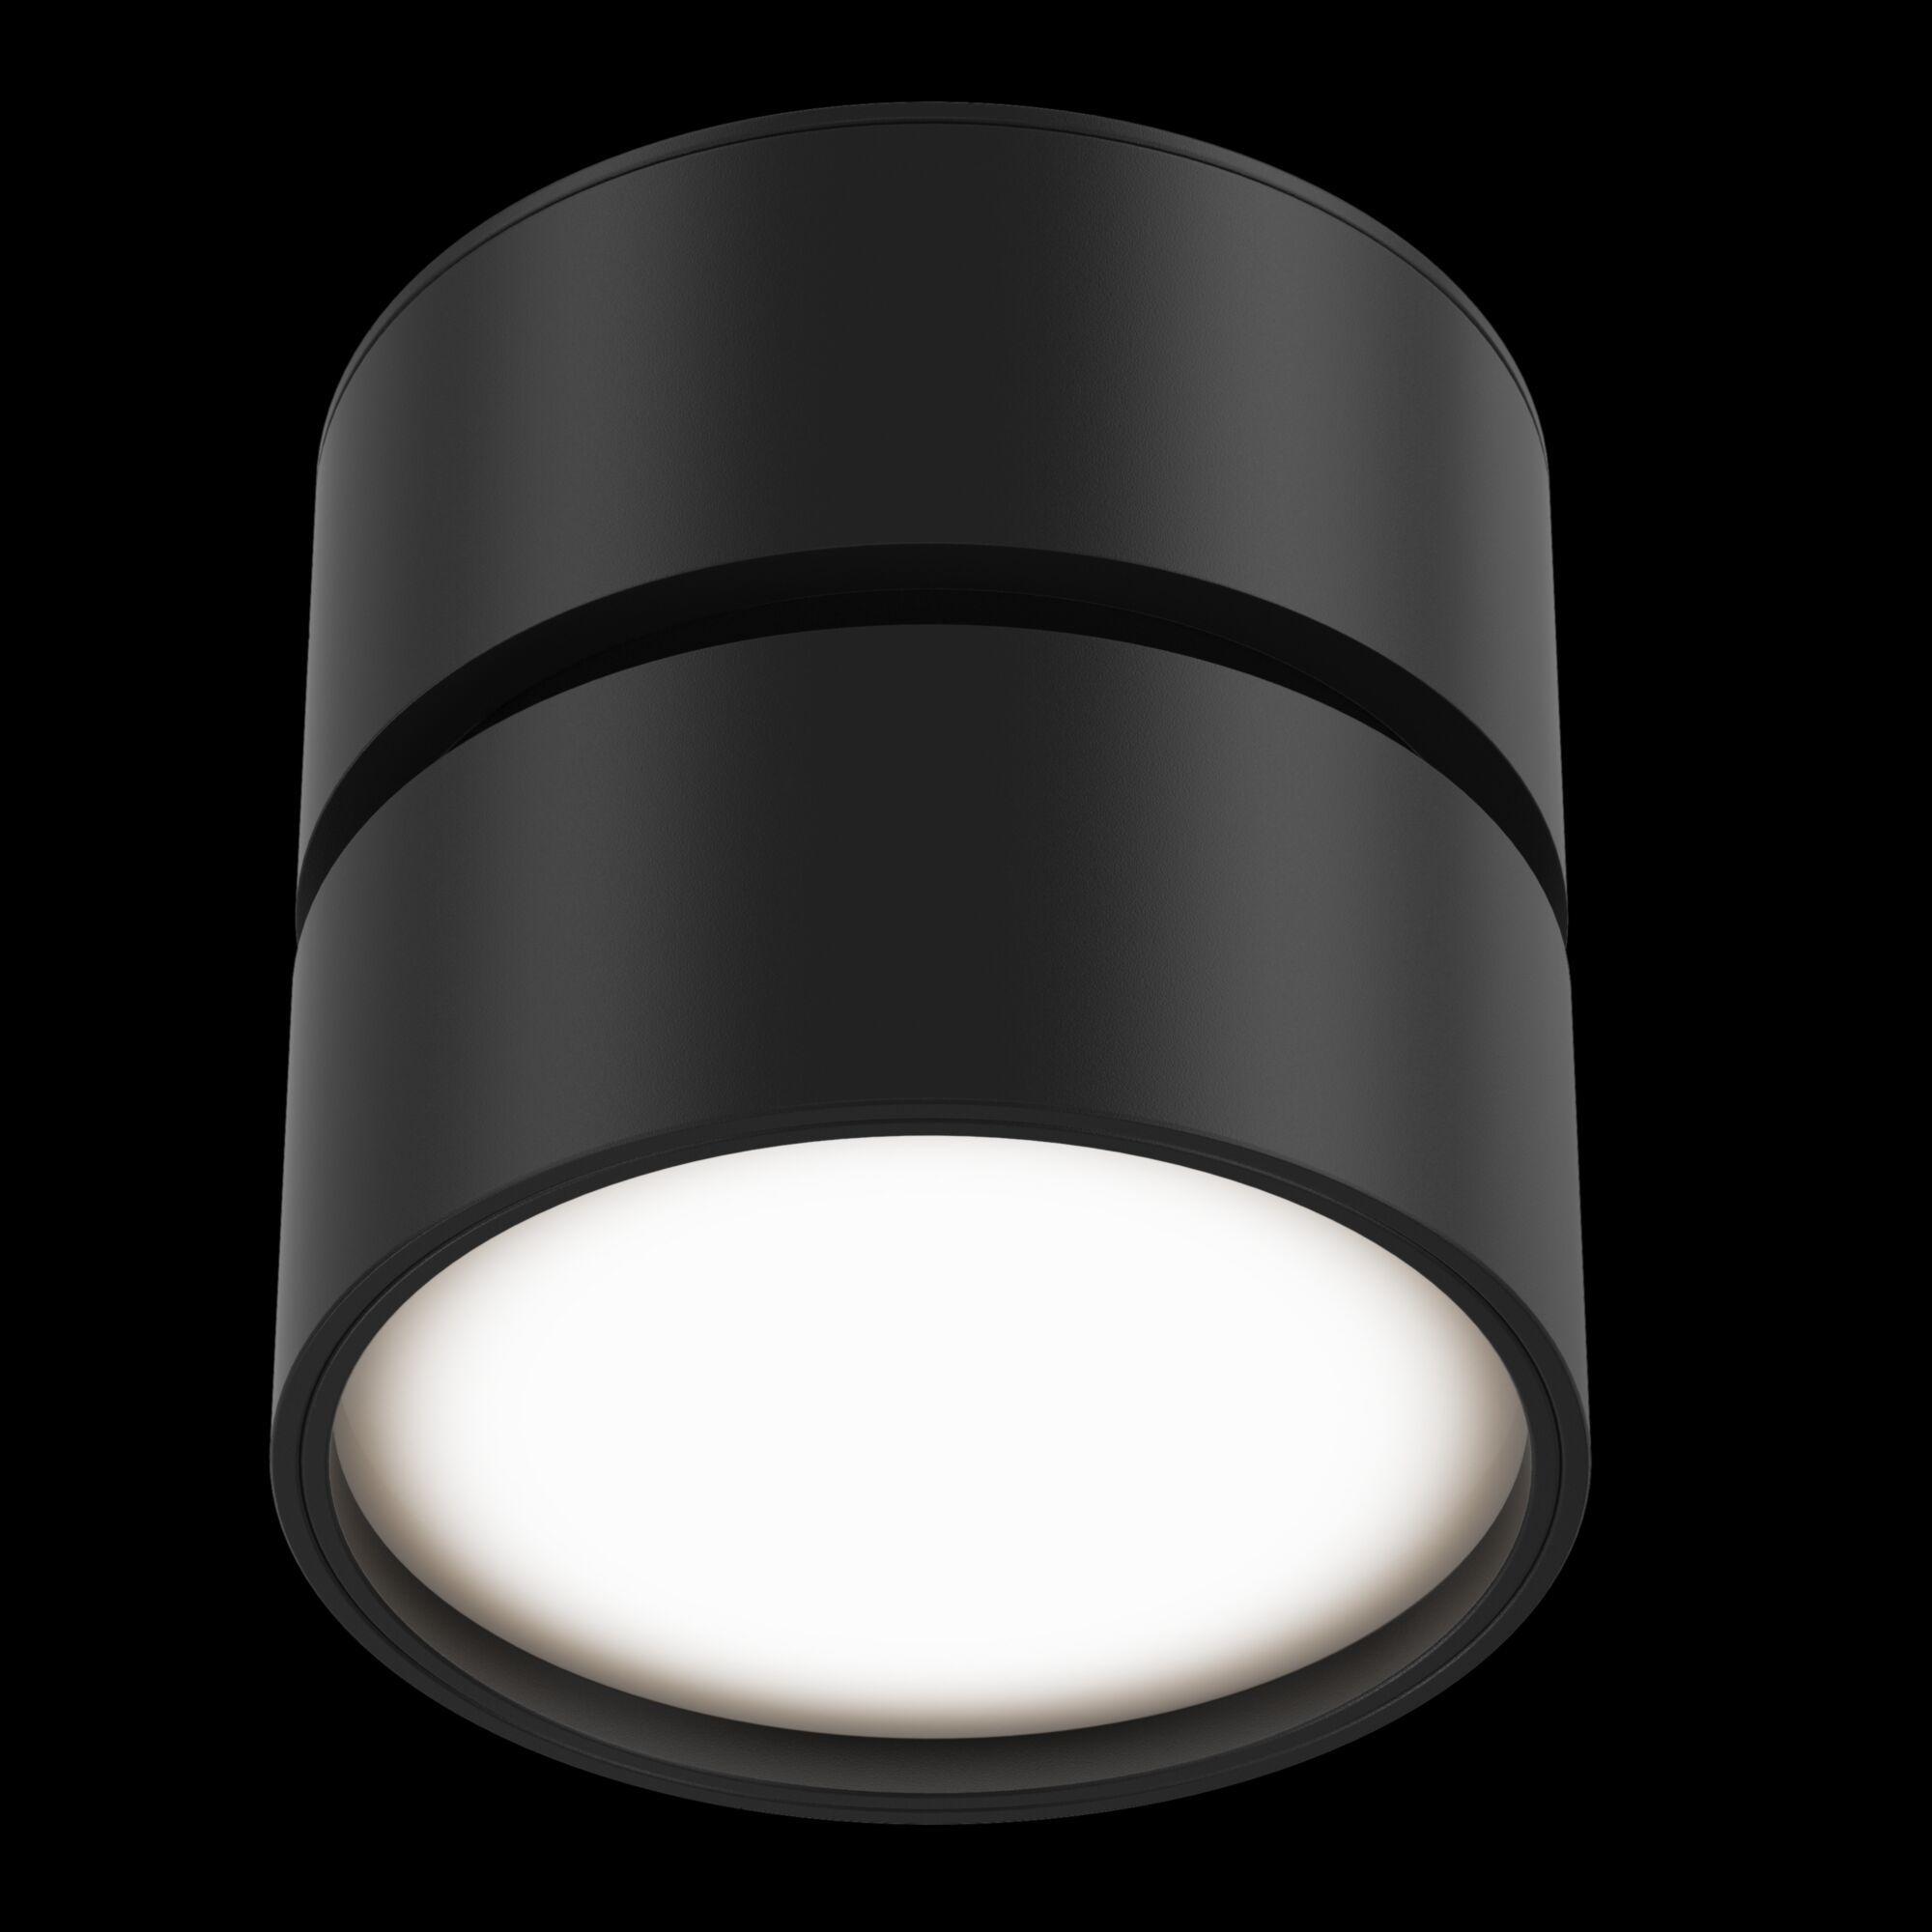 Светодиодный светильник Maytoni Onda C024CL-L12B3K, LED 12W 3000K 700lm CRI80, черный, металл, металл с пластиком - фото 3